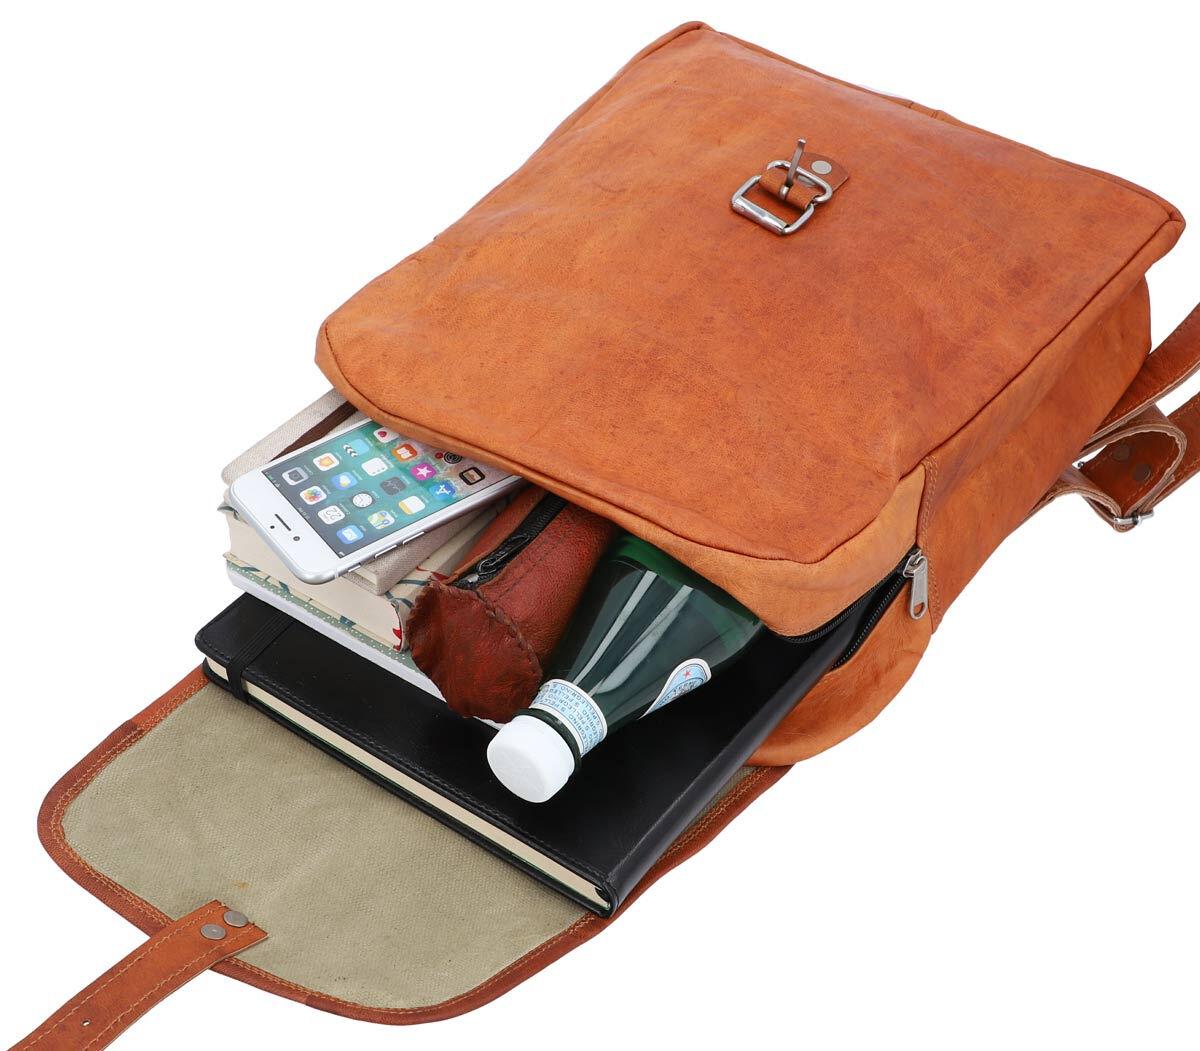 Outlet Rucksack - faltiges Leder - kleinere Lederfehler - Leder leicht fettig - kleine Farbunterschi